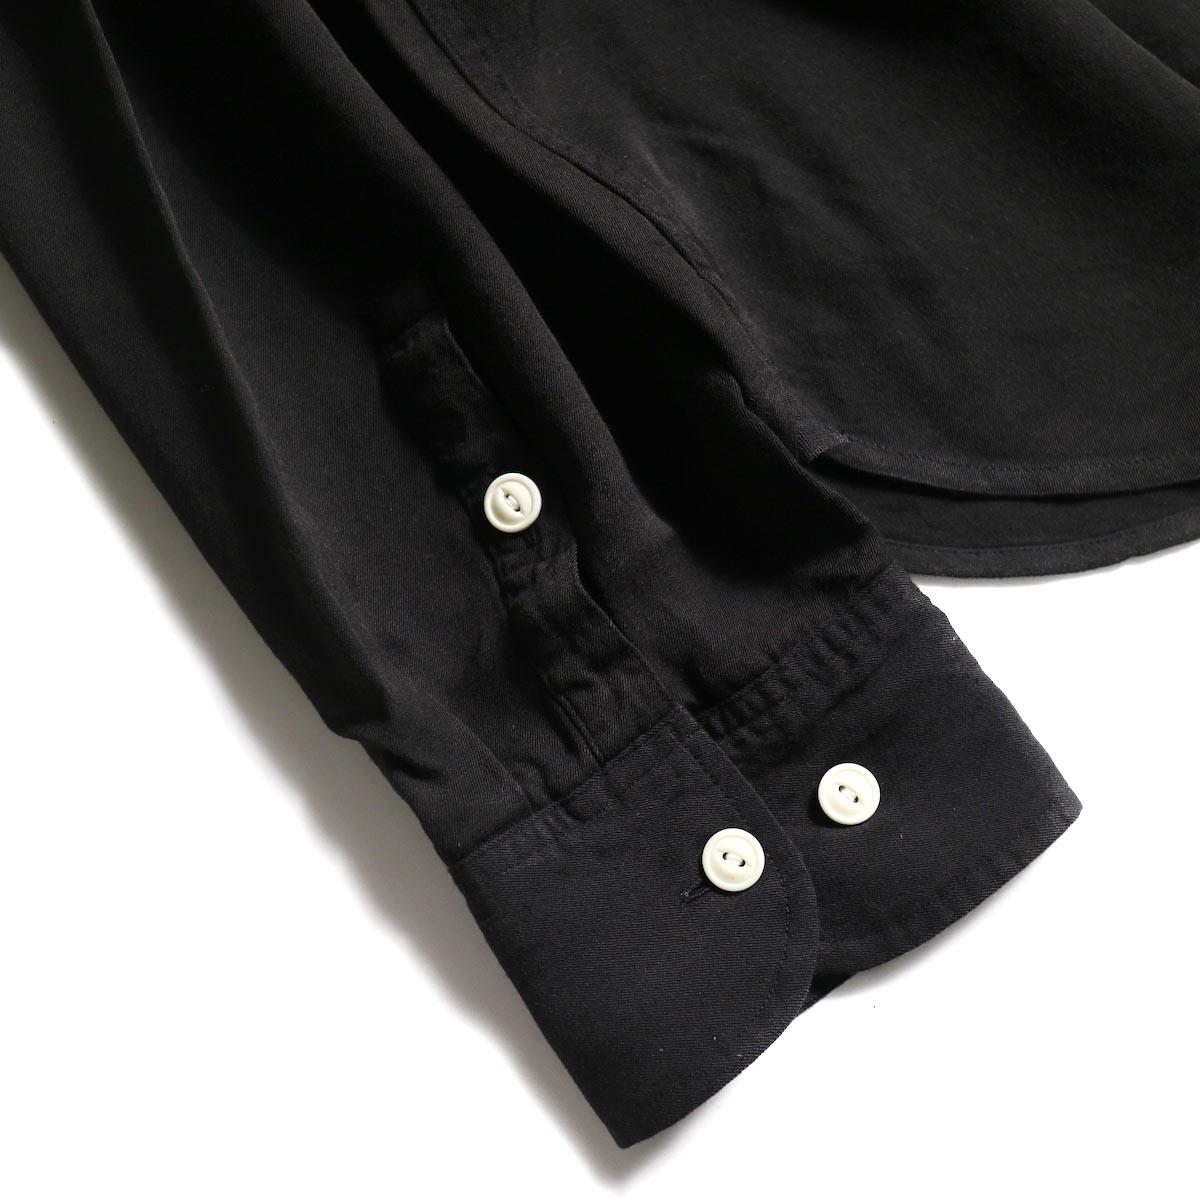 visvim / MAINSAIL SHIRT L/S (RAYON) (Black)カフス